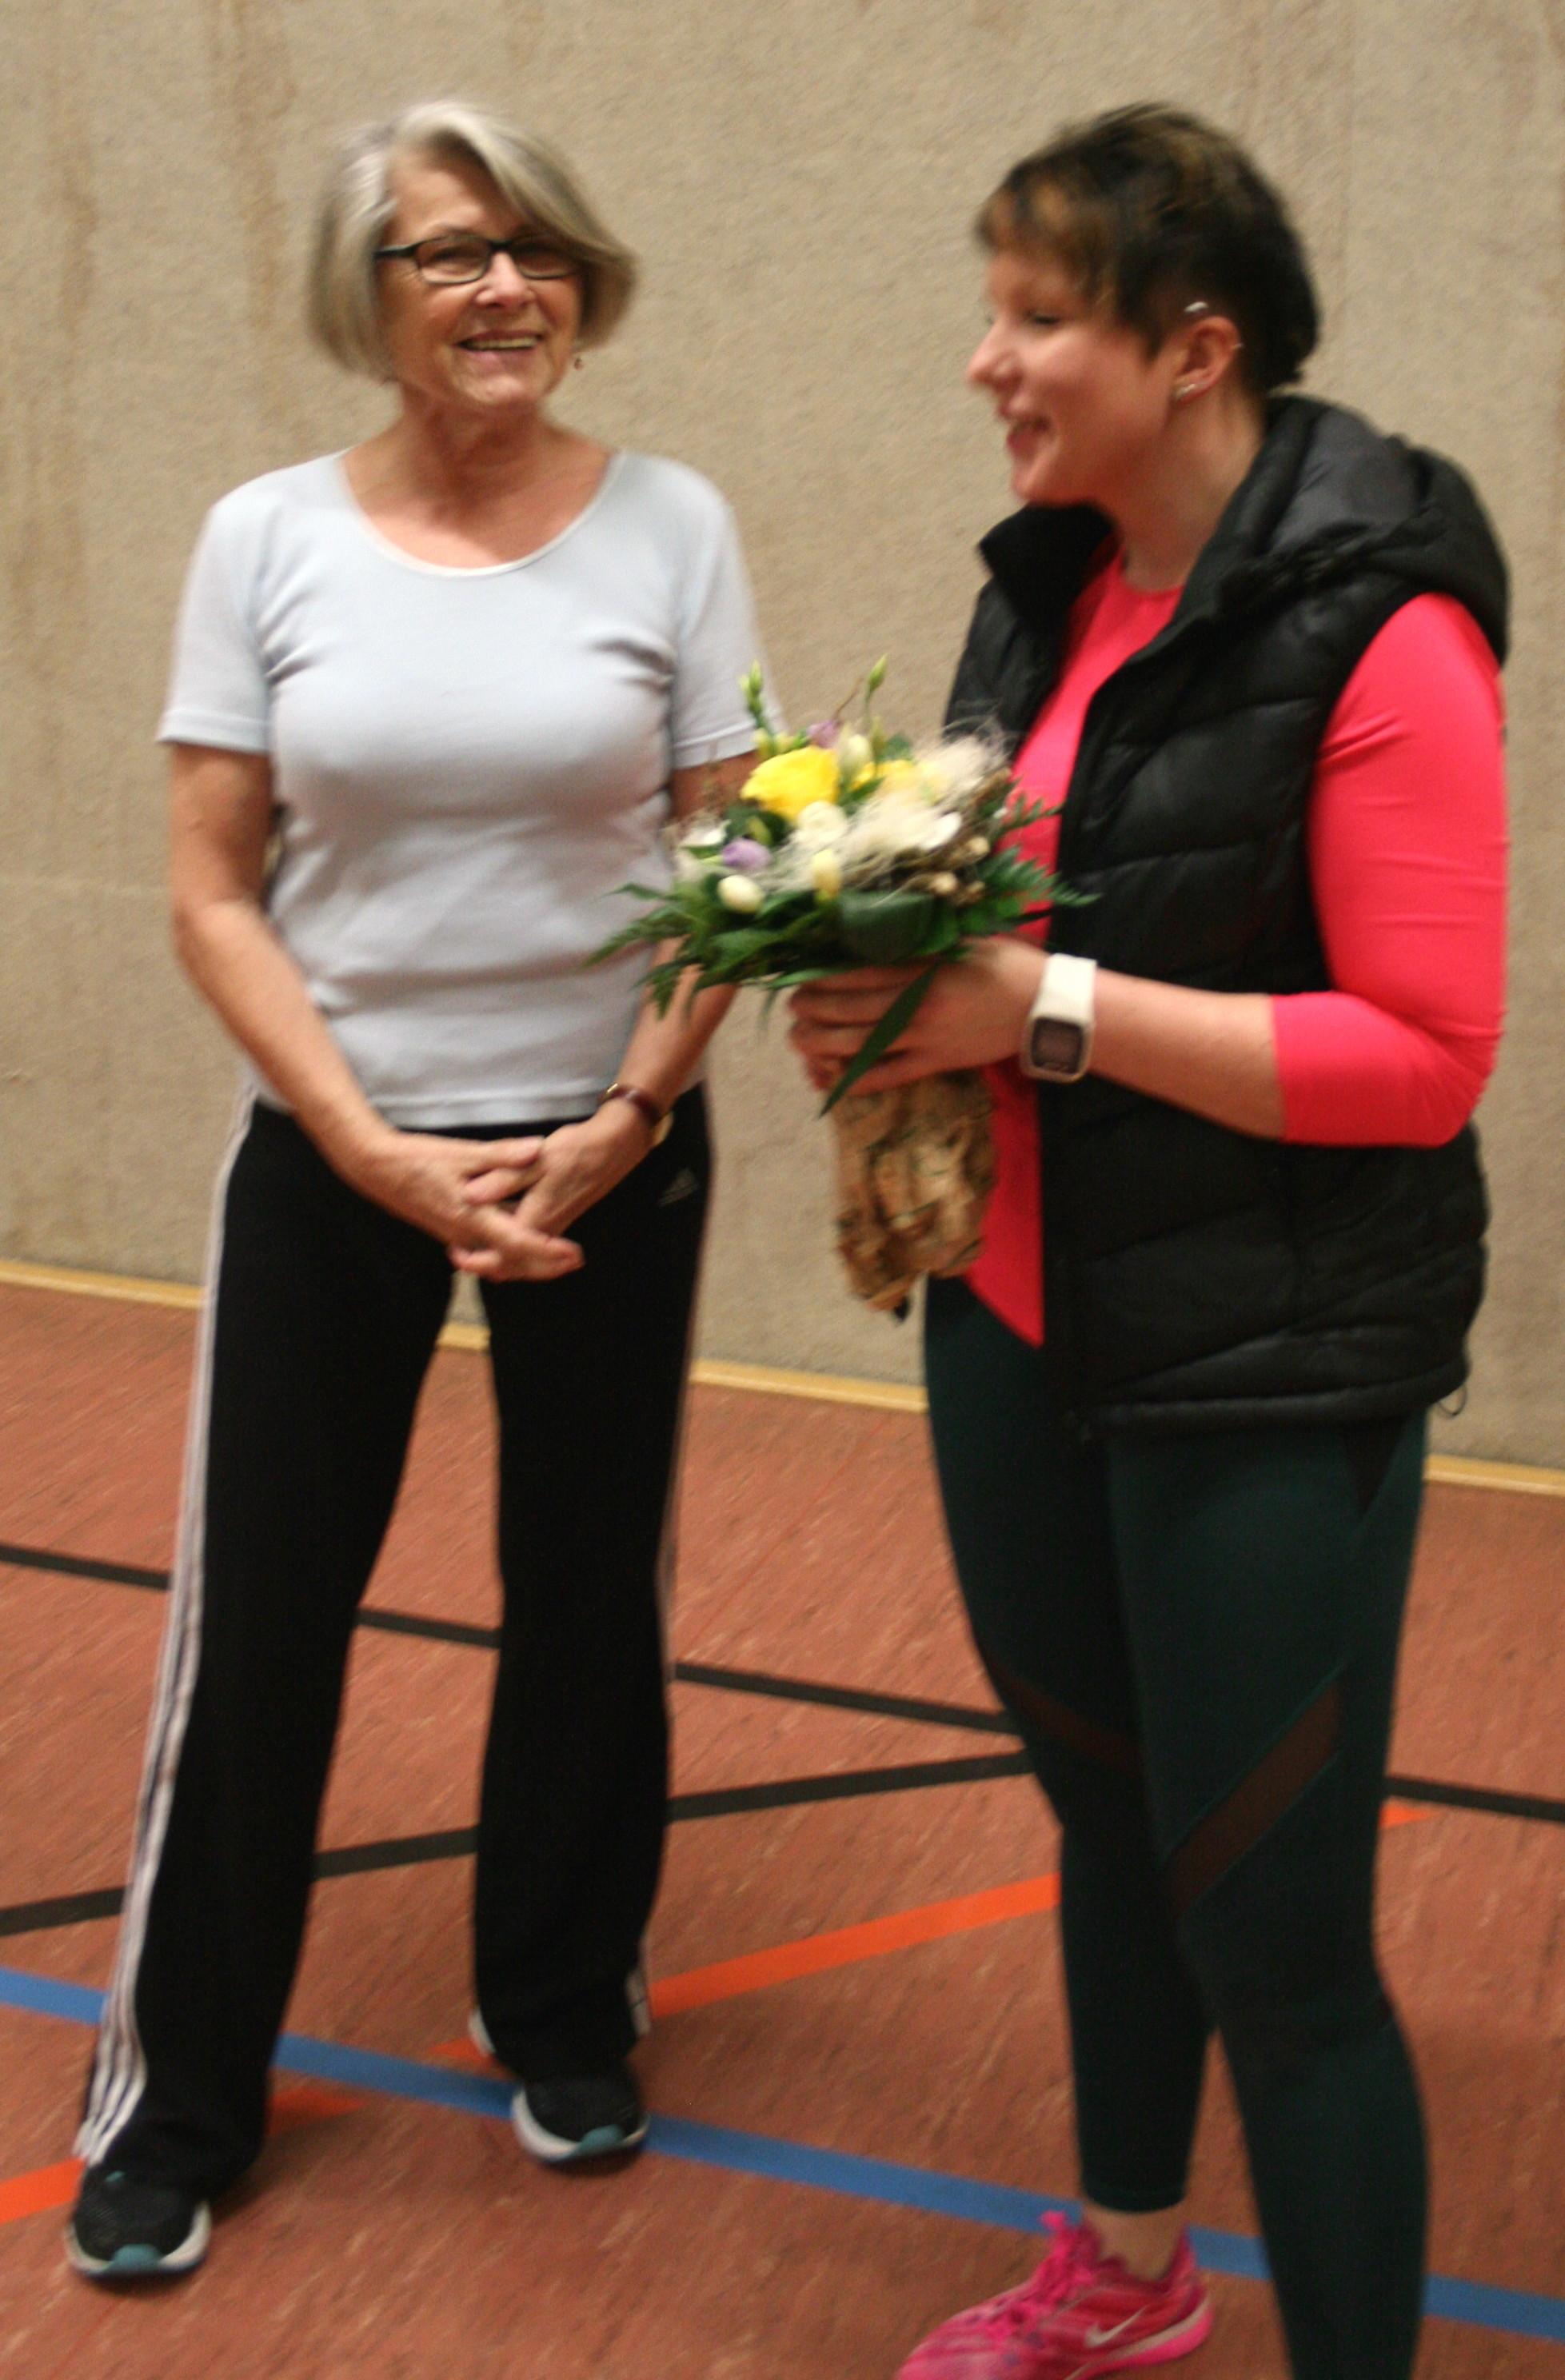 Uschi begrüßt Franzi mit einem Blumenstrauß